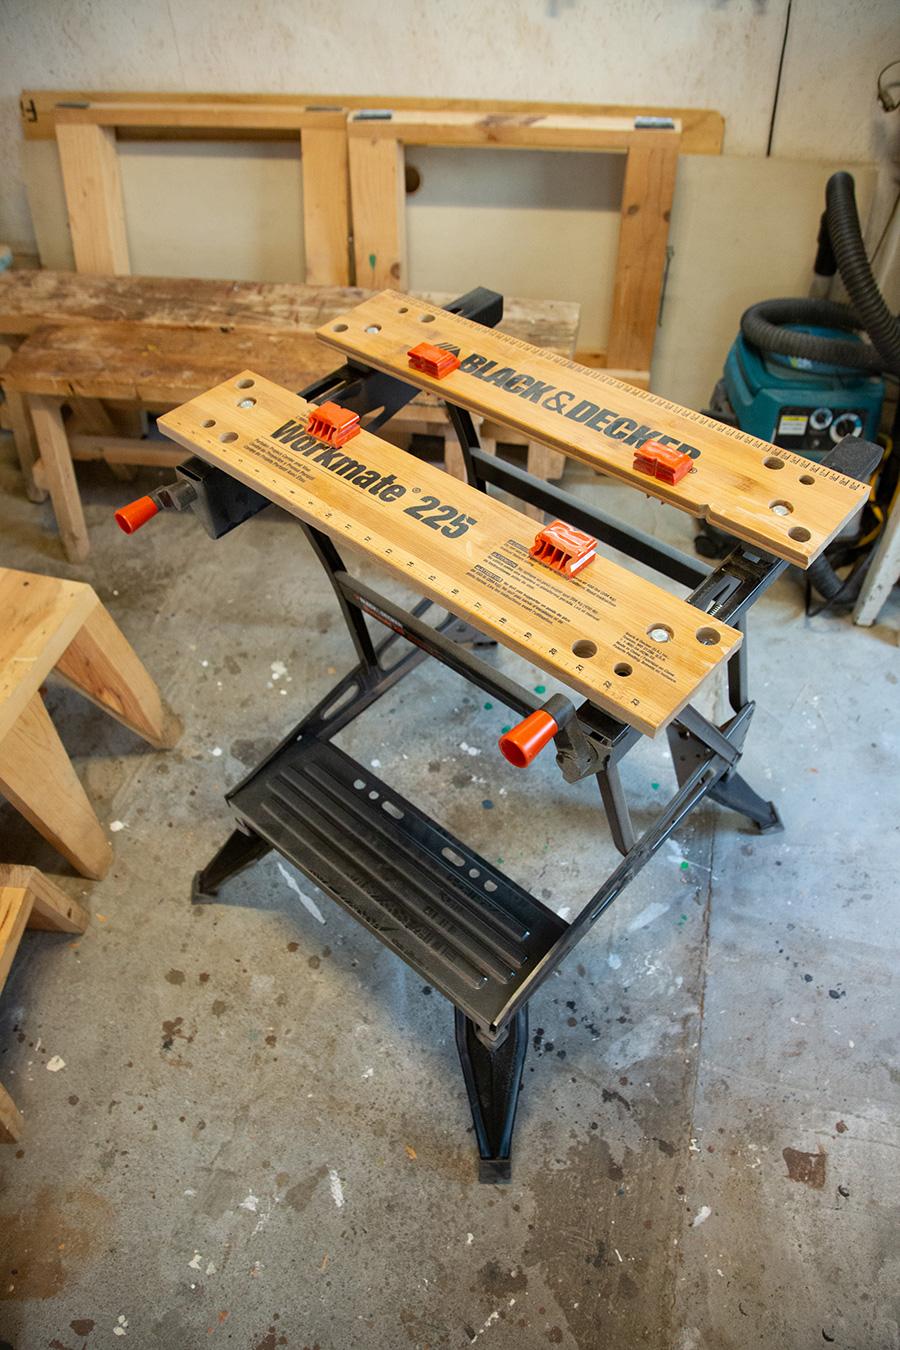 材料をしっかりと固定できる作業台は、DIYの有能なアシスタント。ステップがついているので足で押さえることもできる。